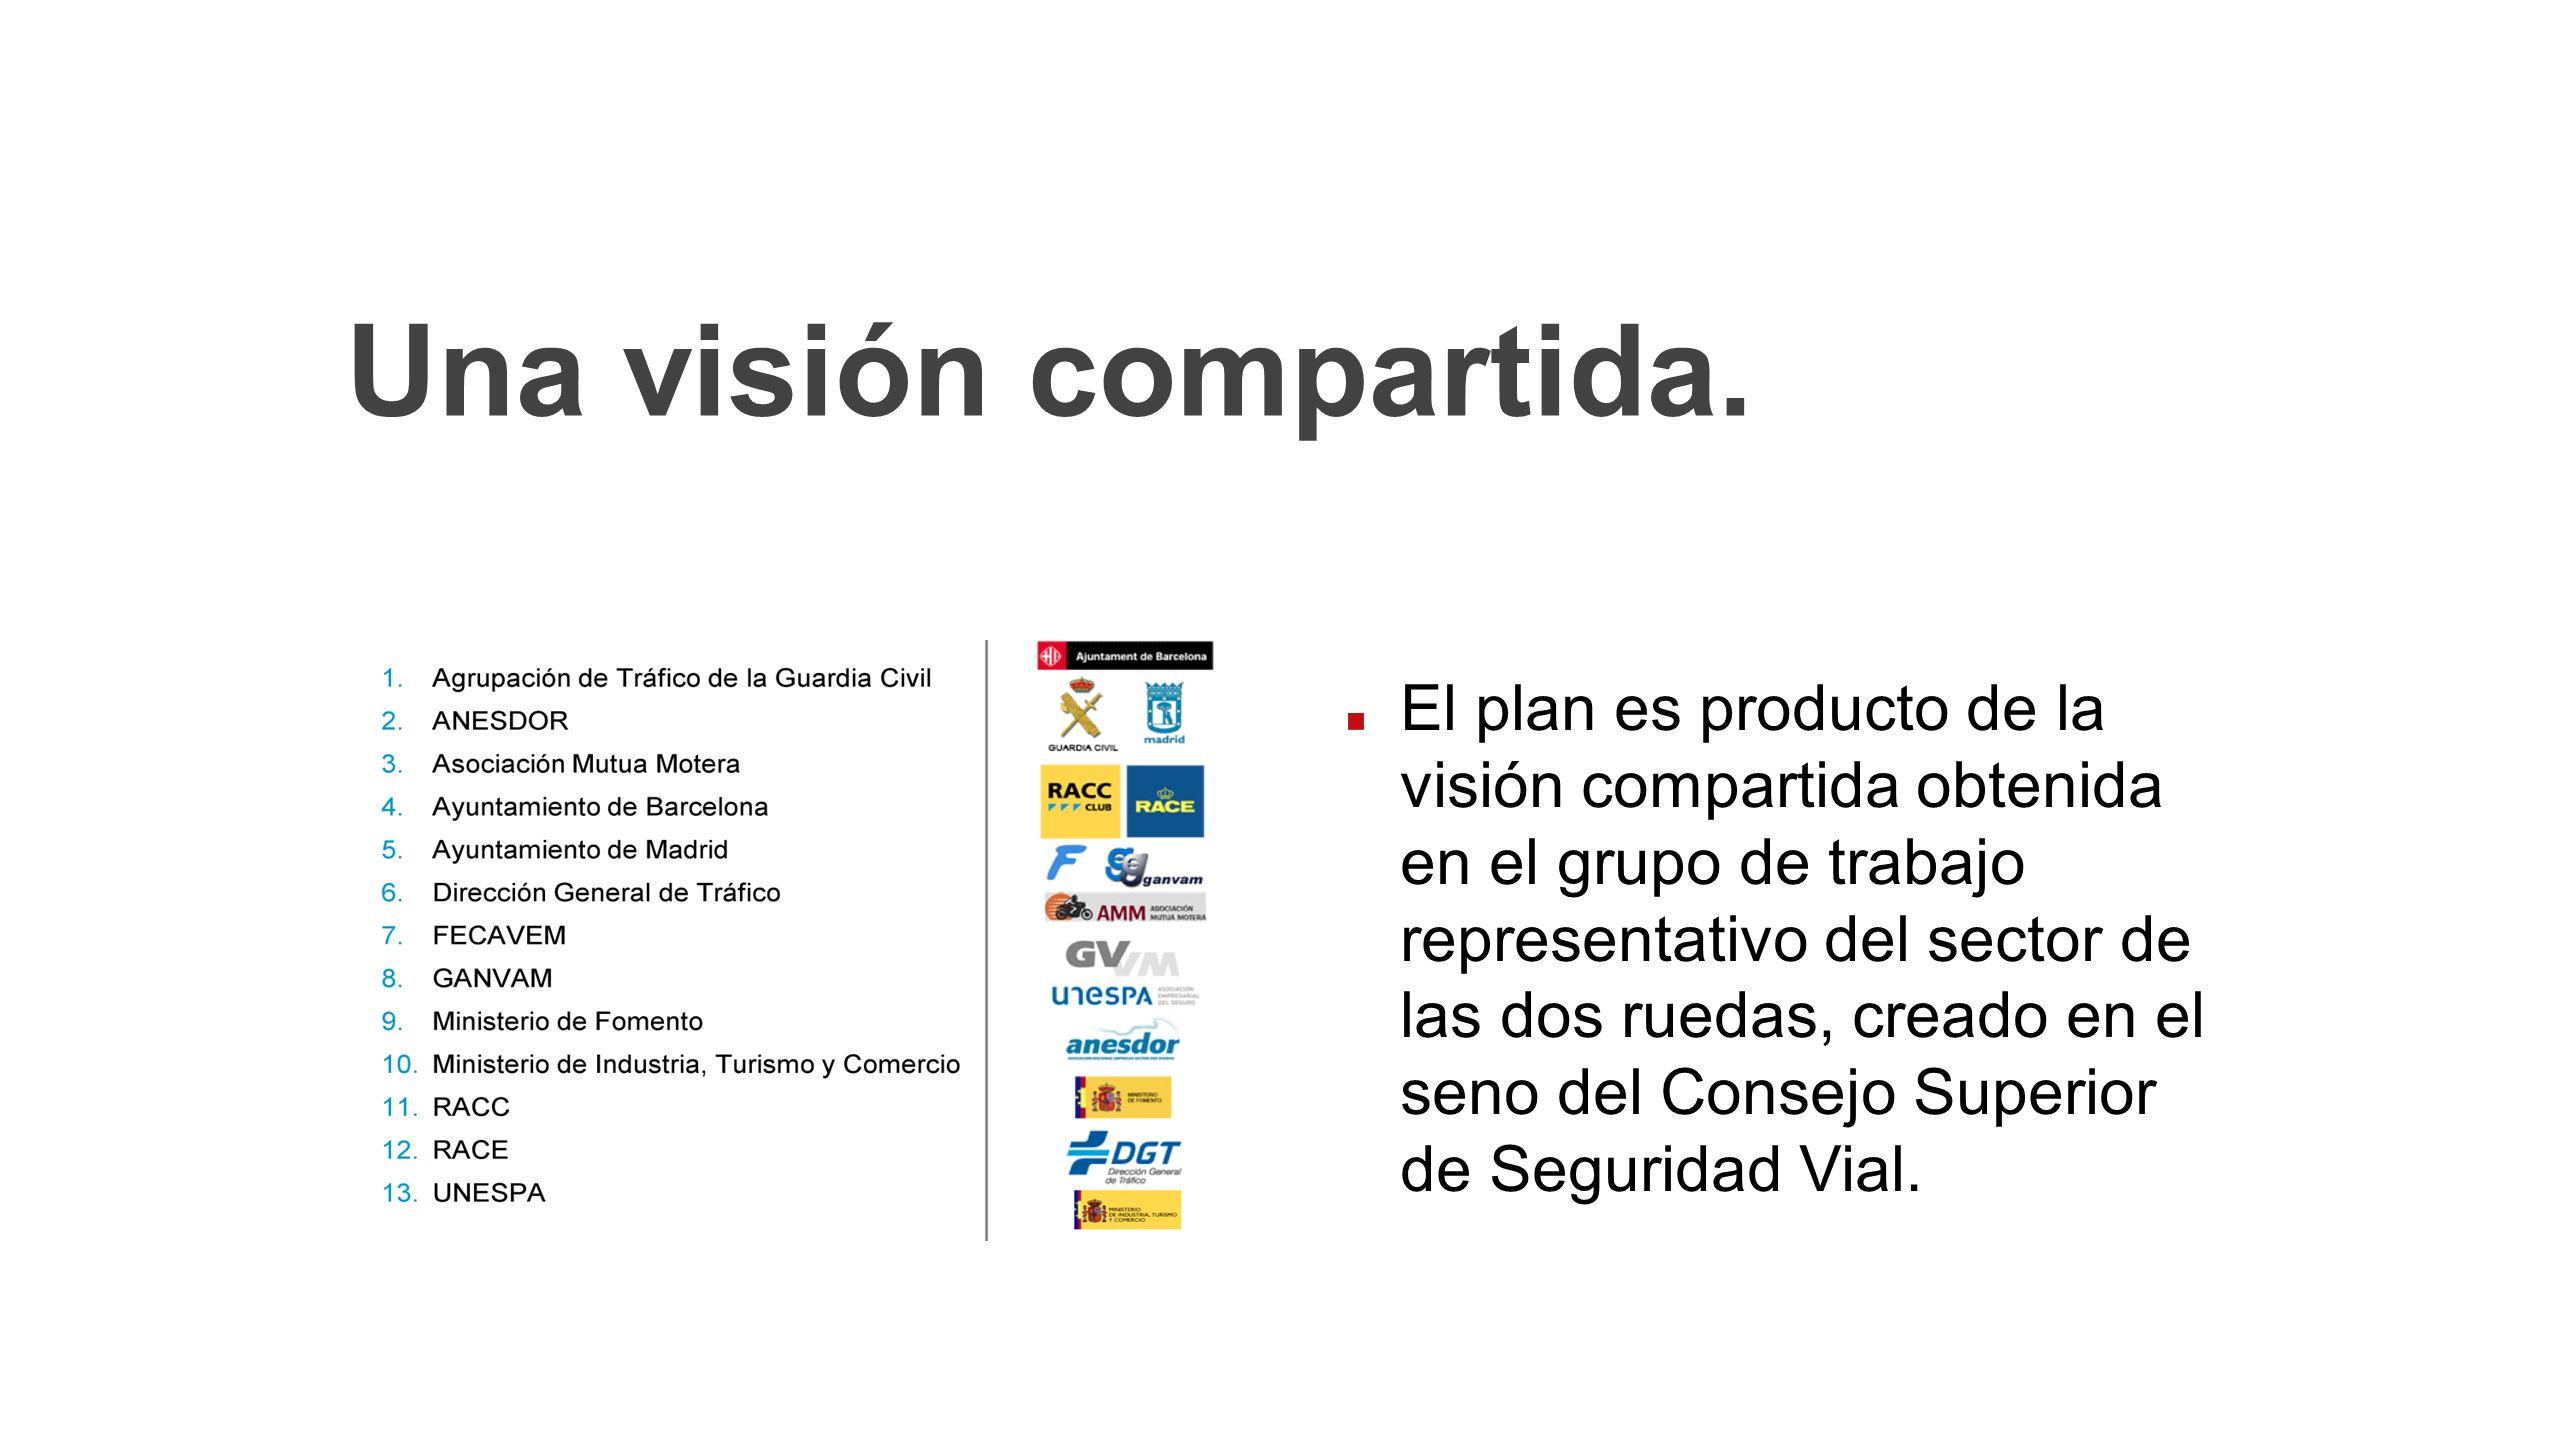 Una visión compartida. El plan es producto de la visión compartida obtenida en el grupo de trabajo representativo del sector de las dos ruedas, creado